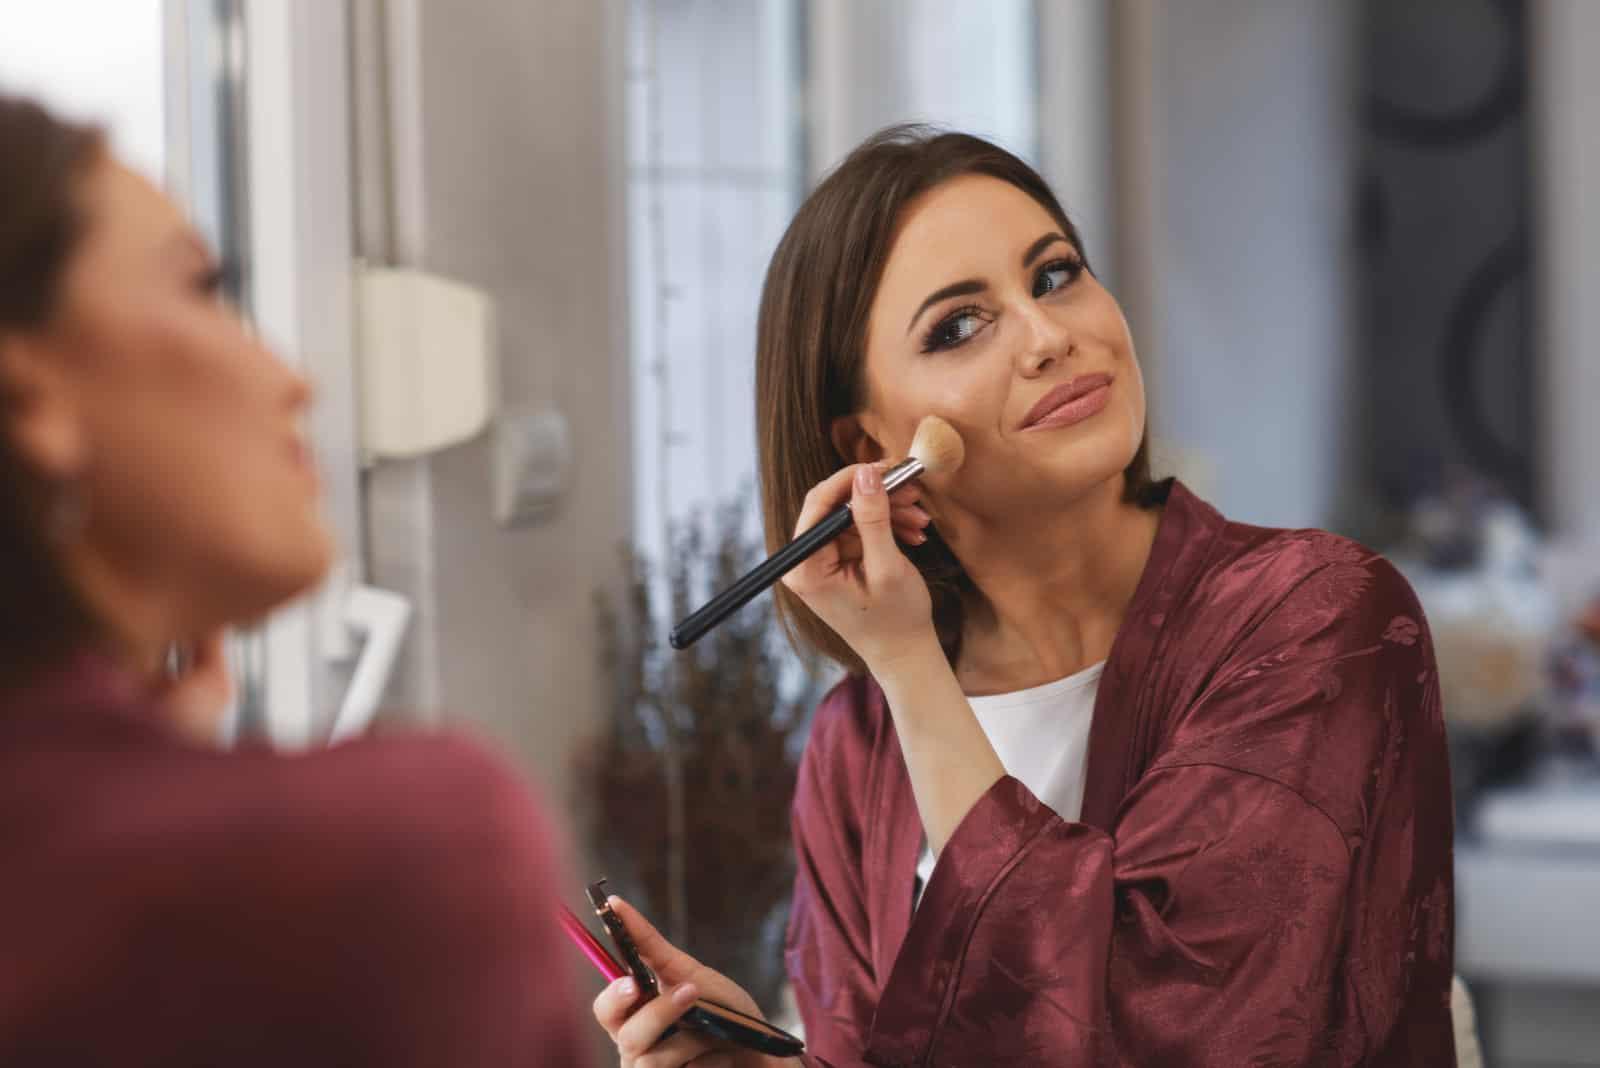 Jeune femme, maquillage, sur, figure, chez soi